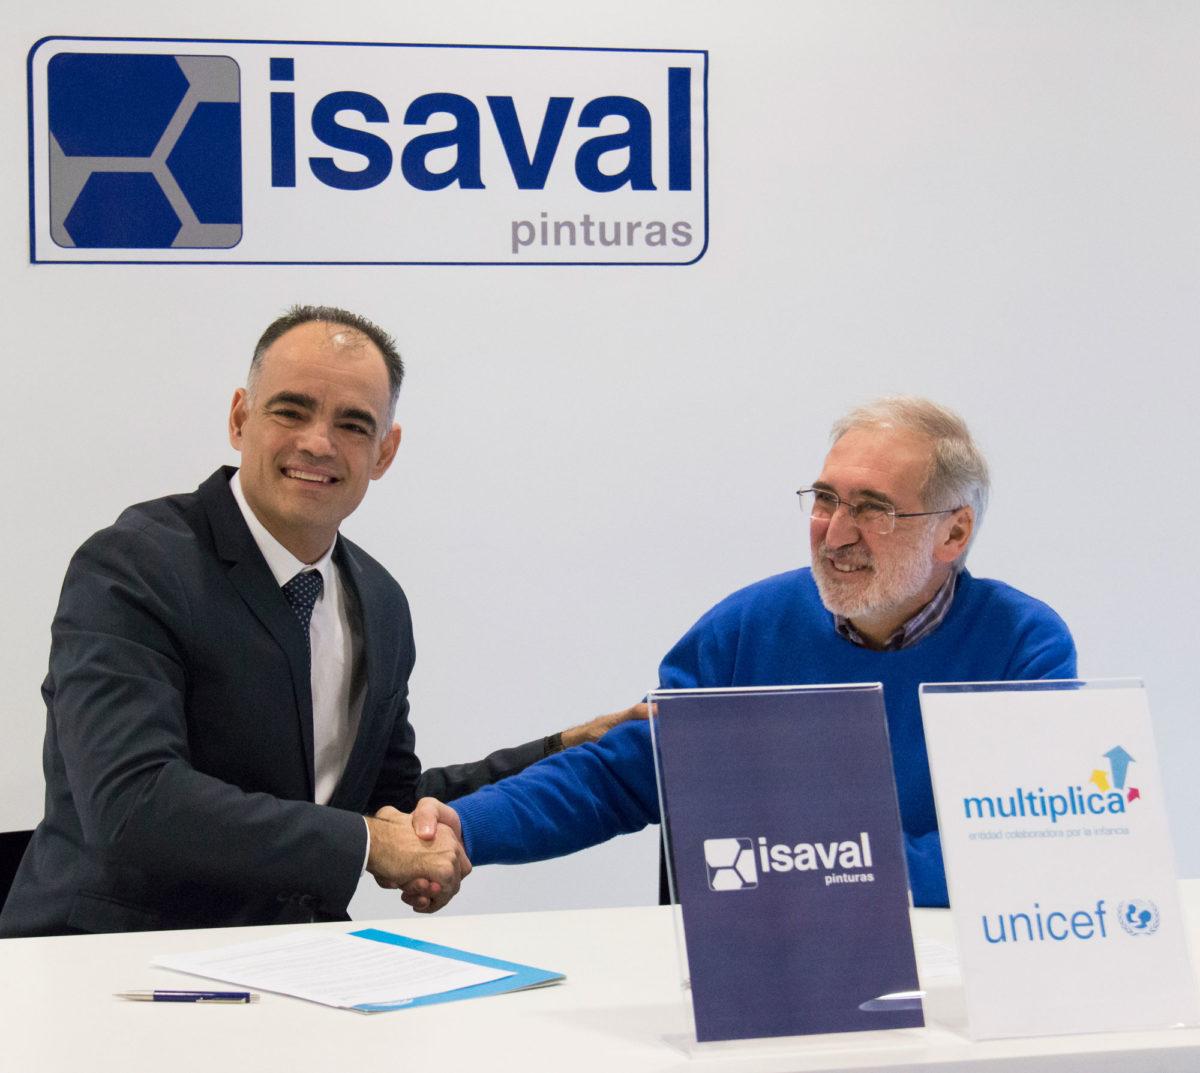 Isaval Multiplica por la infancia junto a UNICEF